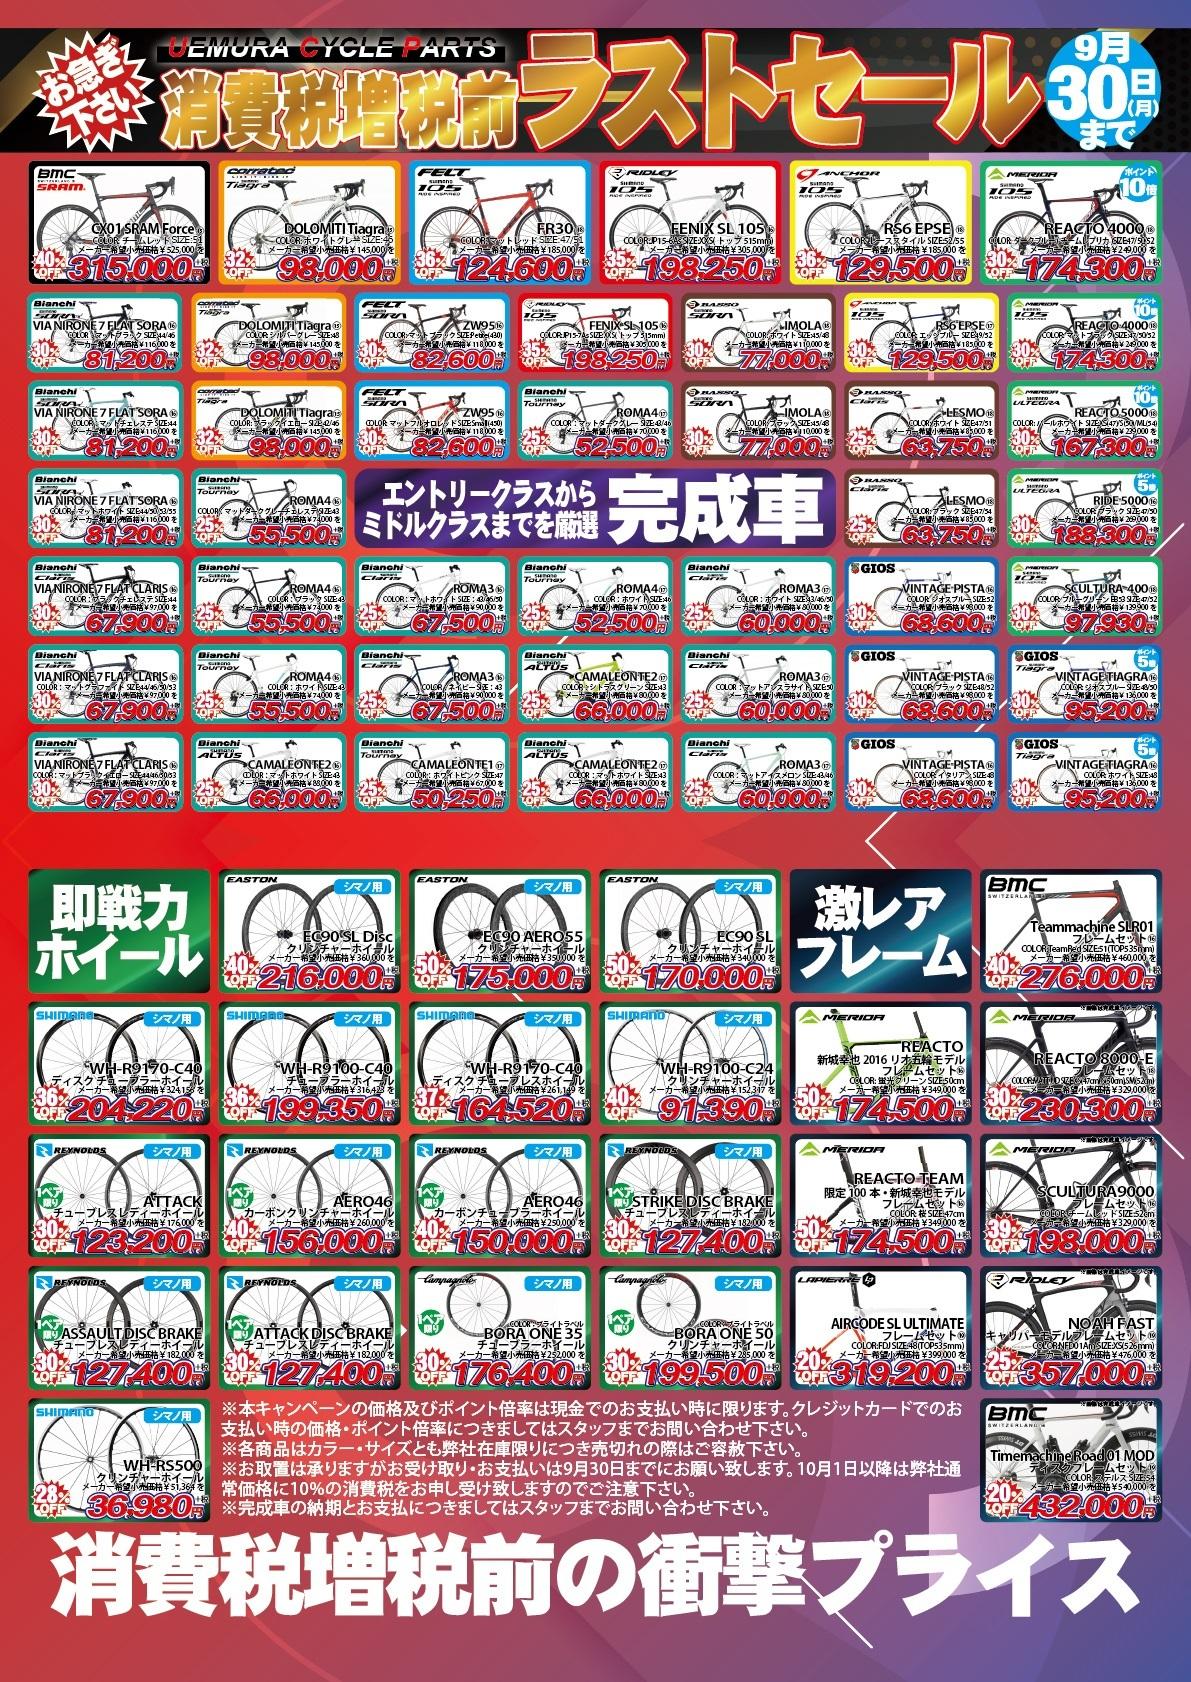 ウエムラサイクルパーツ「増税前のラストセール」実施中!